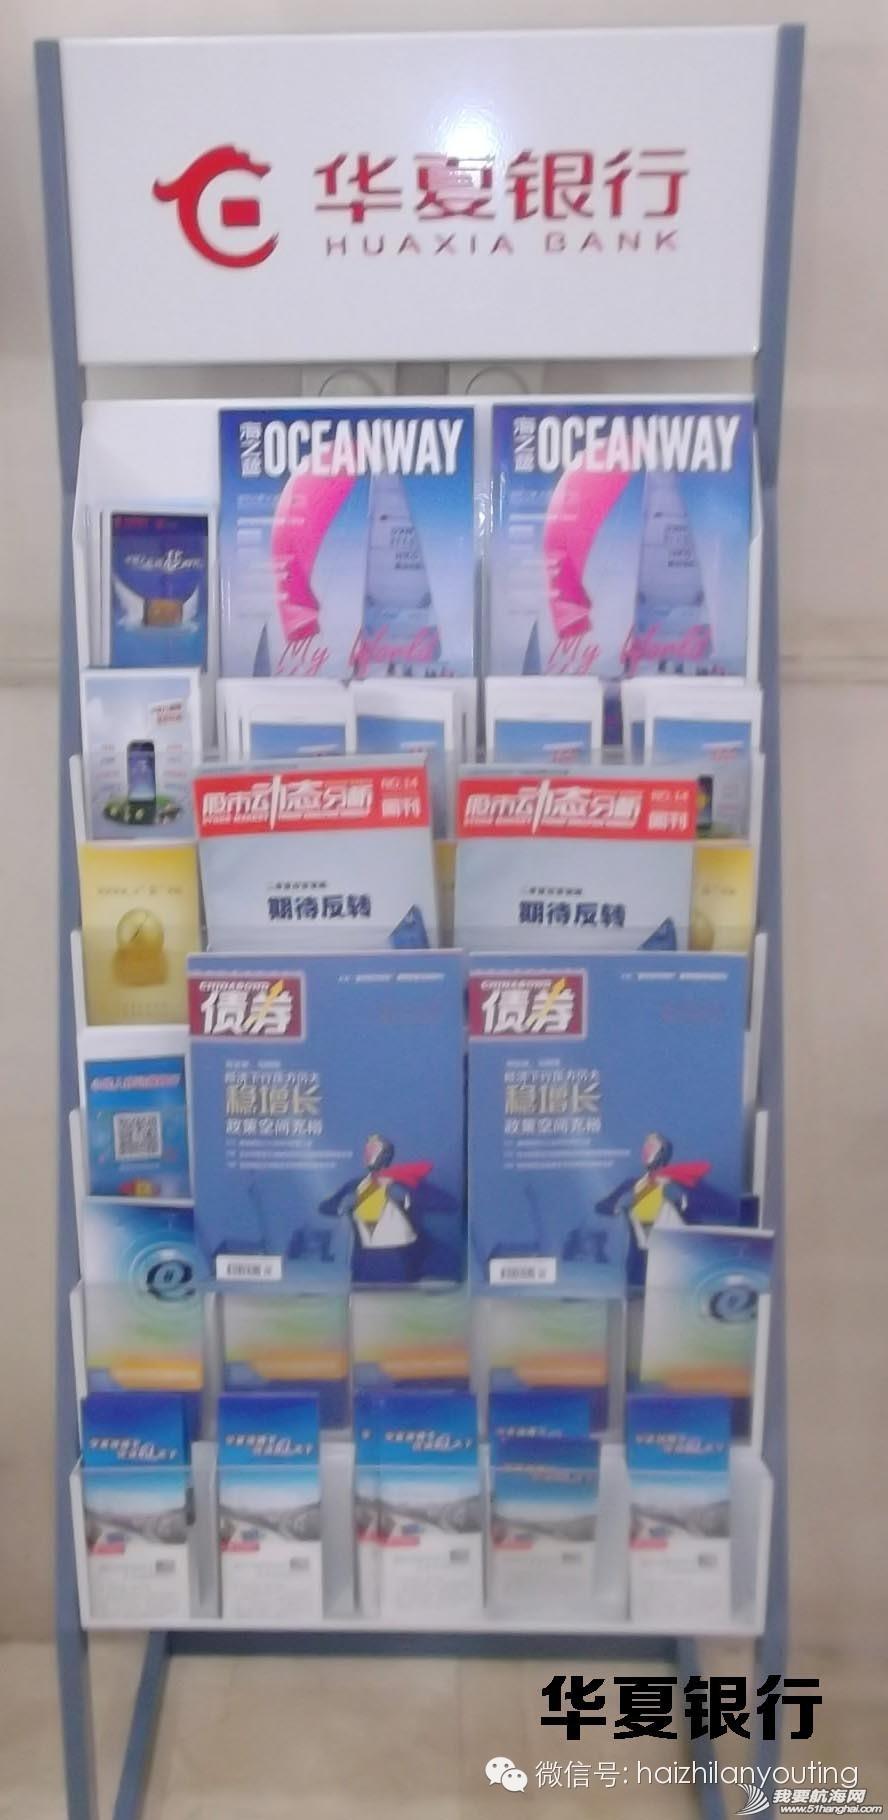 高尔夫,北京地区,星级酒店,合作伙伴,奢侈品 《海之蓝》2014年7月刊与您相约雅航盛汇 0.jpg